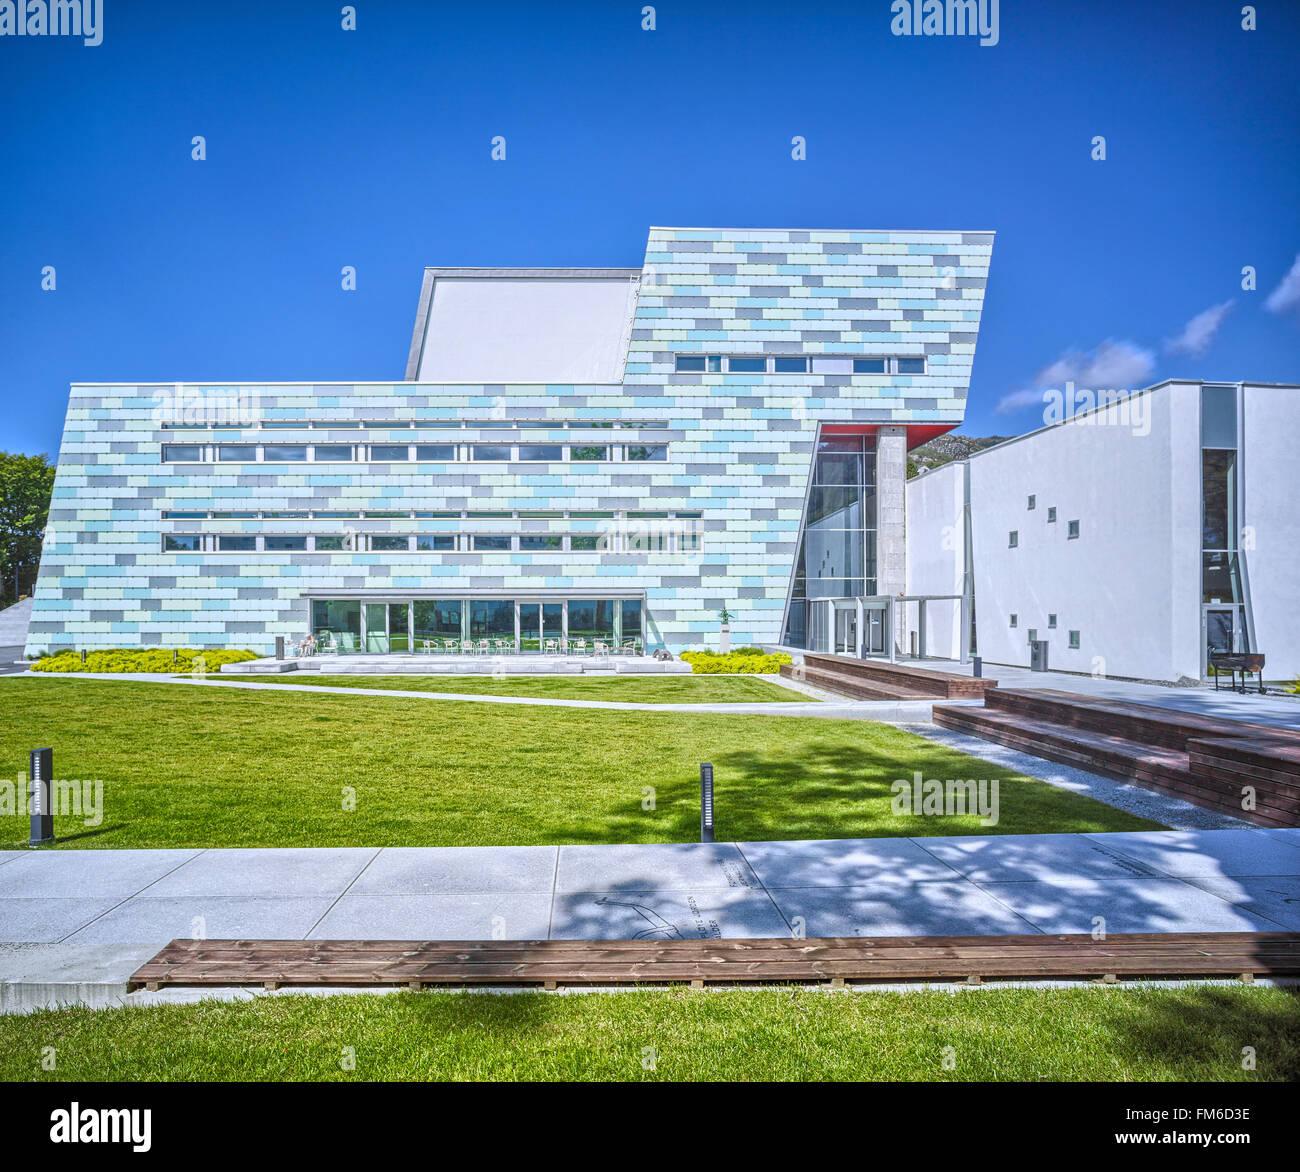 Dental Architecture Stockfotos & Dental Architecture Bilder - Alamy